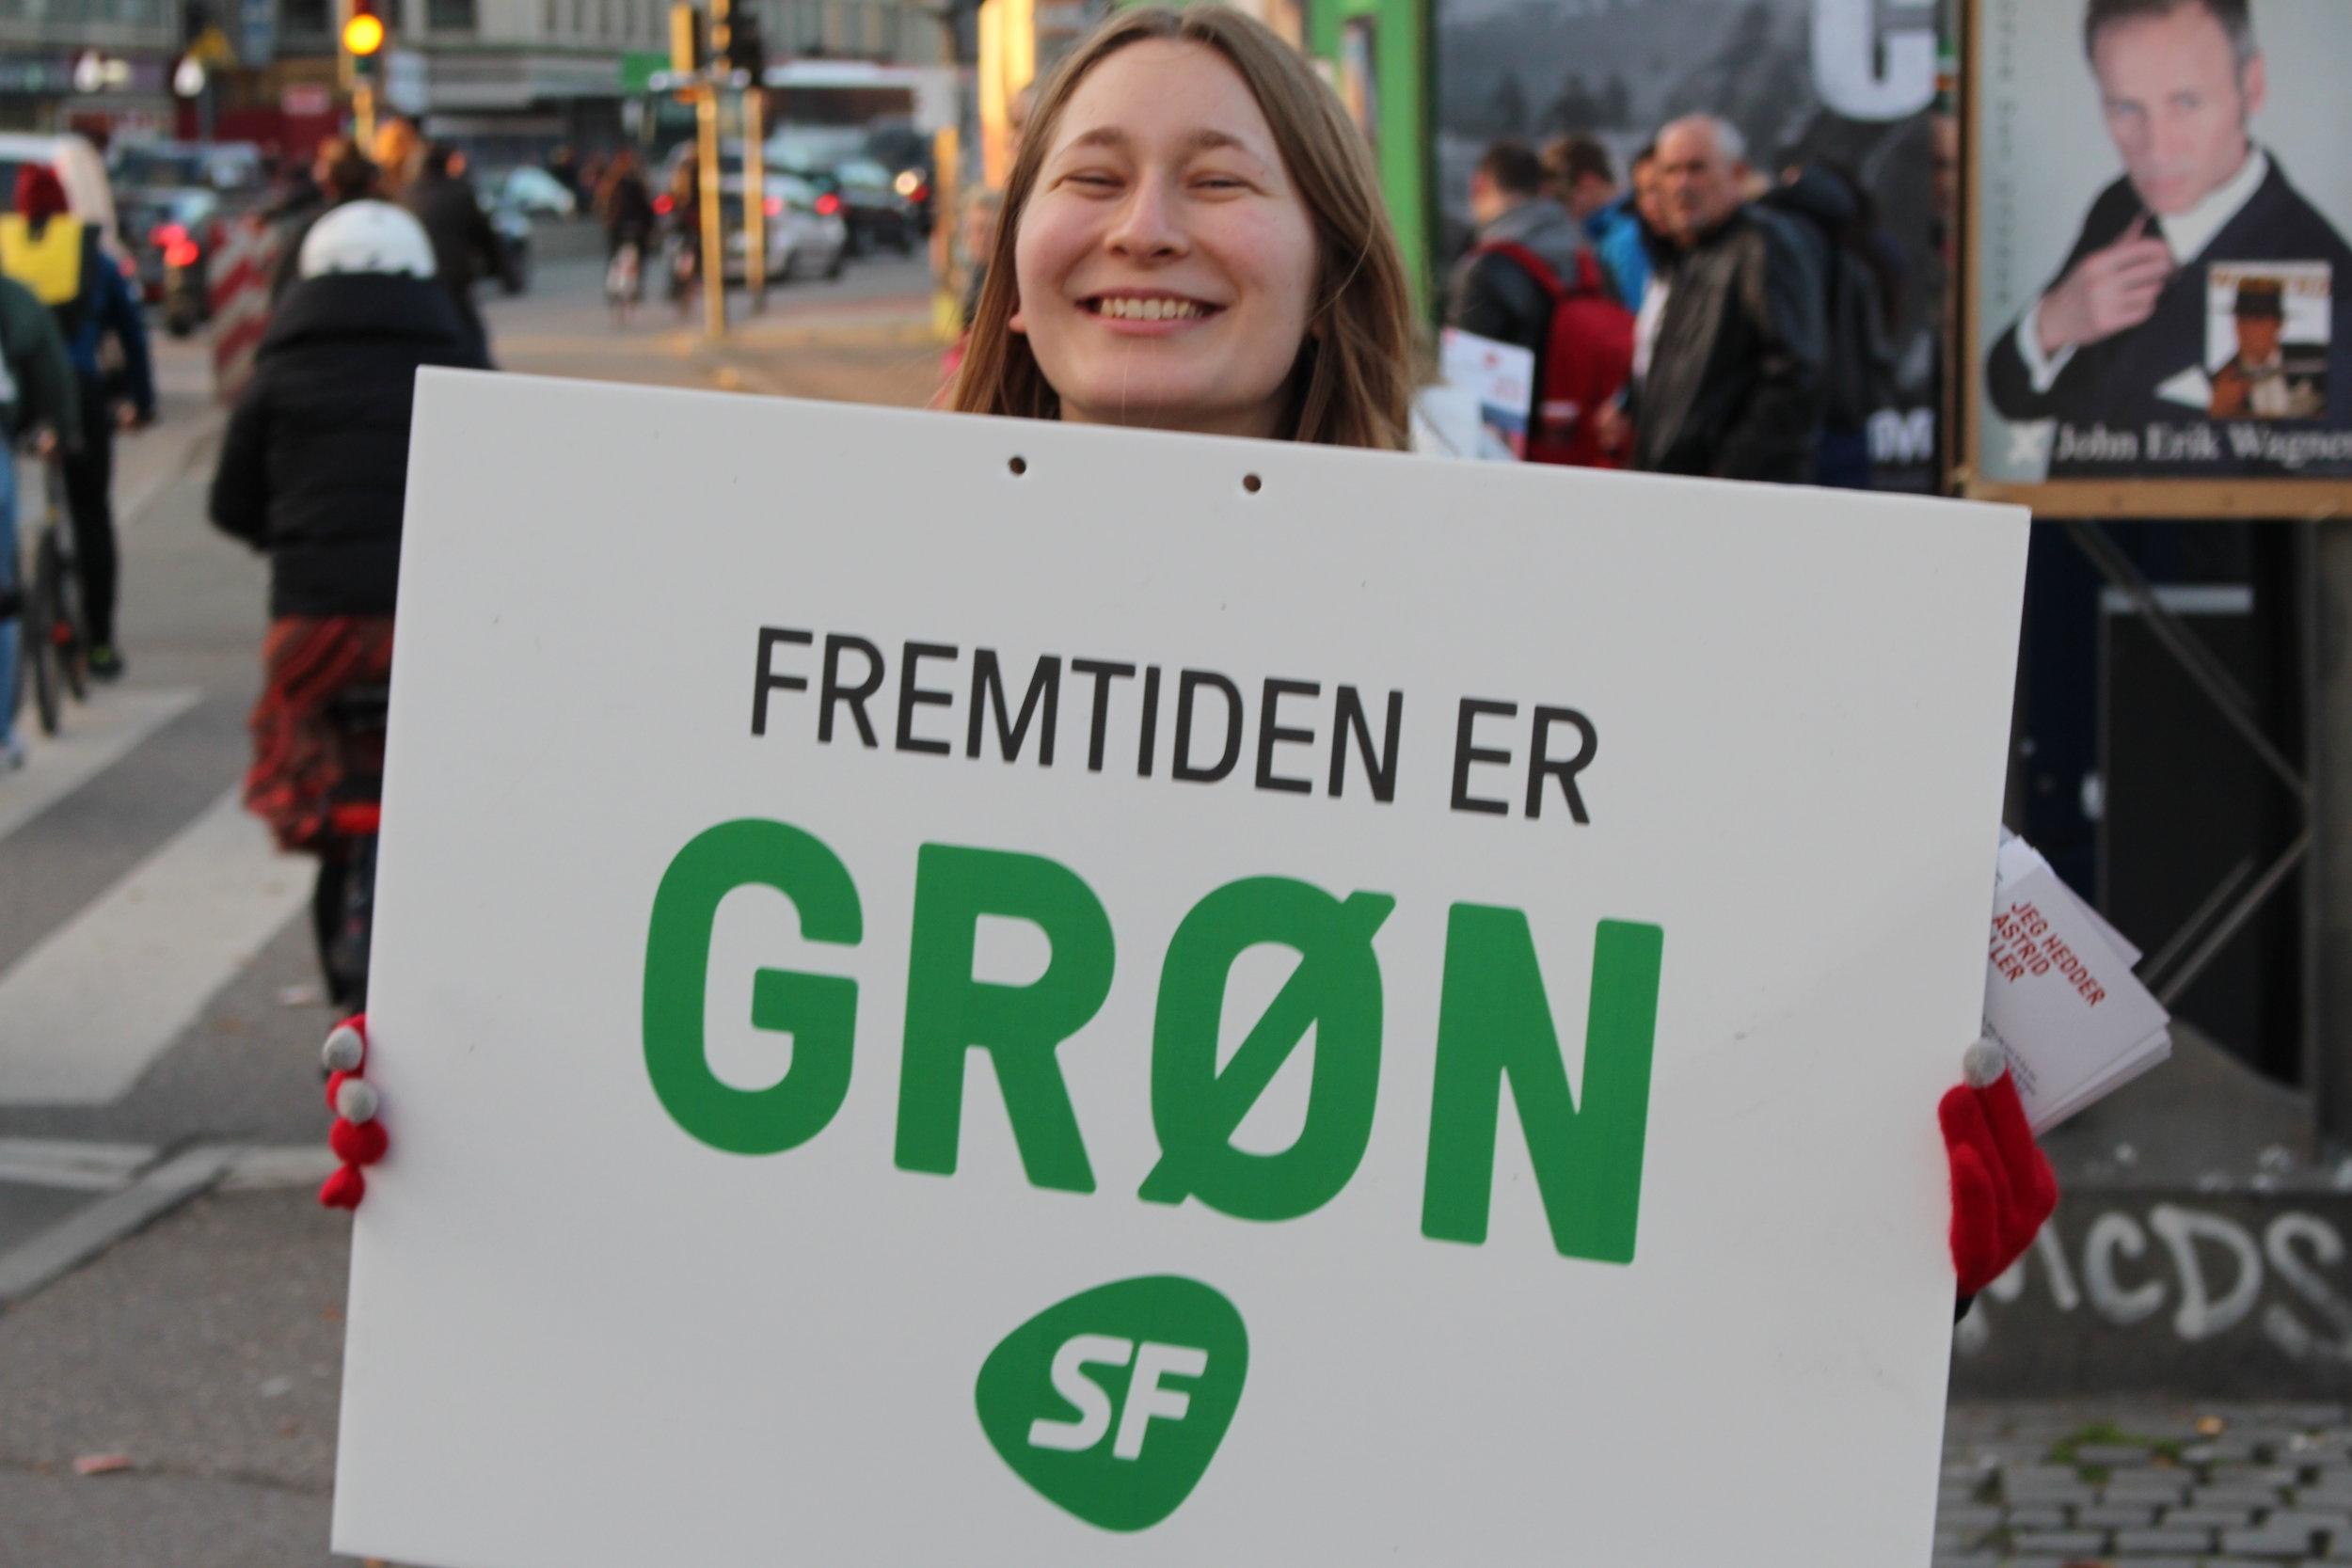 Støt et borgerforslag, der vil gøre Danmark grønnere - Gratis transport til unge under 26.Løsningen på klimaproblemerne er ikke, at forbrugeren køber mindre kød eller kun går i genbrugstøj. Problemerne er strukturelle, så det skal løsningerne også være. Vi skal sætte en stopper for kapitalens endeløse produktion og blinde fokus på profitmaksimering. Et skridt på vejen er at aktivere ungdommen og give dem redskaberne til at lægge pres på vores politikere. Ungdommen skal vide, at man ikke kan løse klimaproblemerne blot ved at ændre egne vaner, men kun ved at ændre samfundet.For at oplære den nye grønne generation er det uhyre vigtigt, at de får en positiv oplevelse med offentlig transport fra både deres barndom og deres ungdom, således at de vil fortsætte med at benytte det bæredygtige alternativ til den CO2 udledende og klima ødelæggende biltransport.